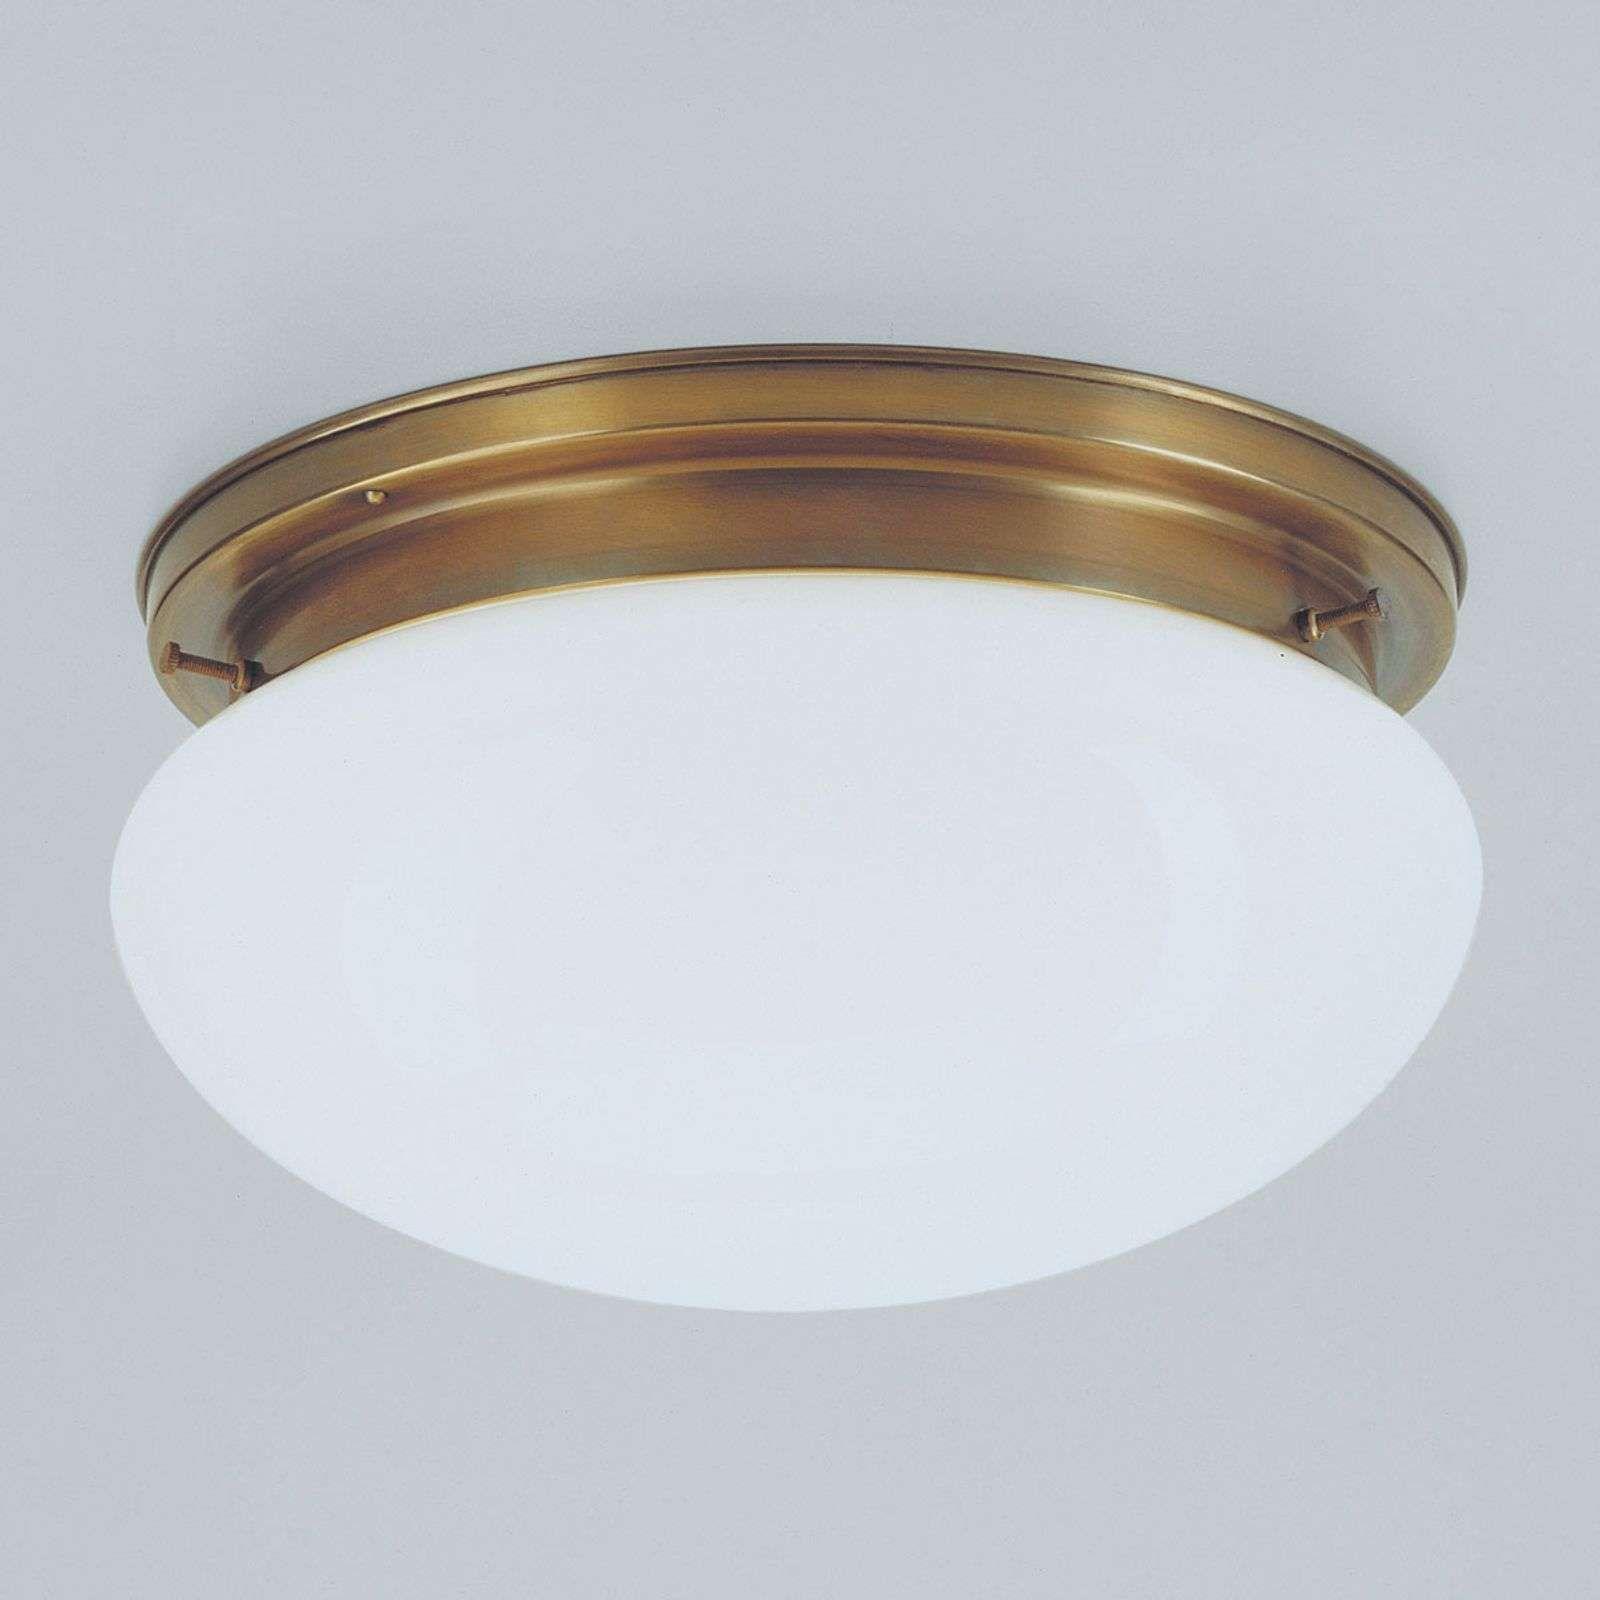 Antike Deckenleuchte Harry Von Berliner Messinglamp Gold In 2020 Beleuchtung Decke Antike Leuchten Stehlampe Grau